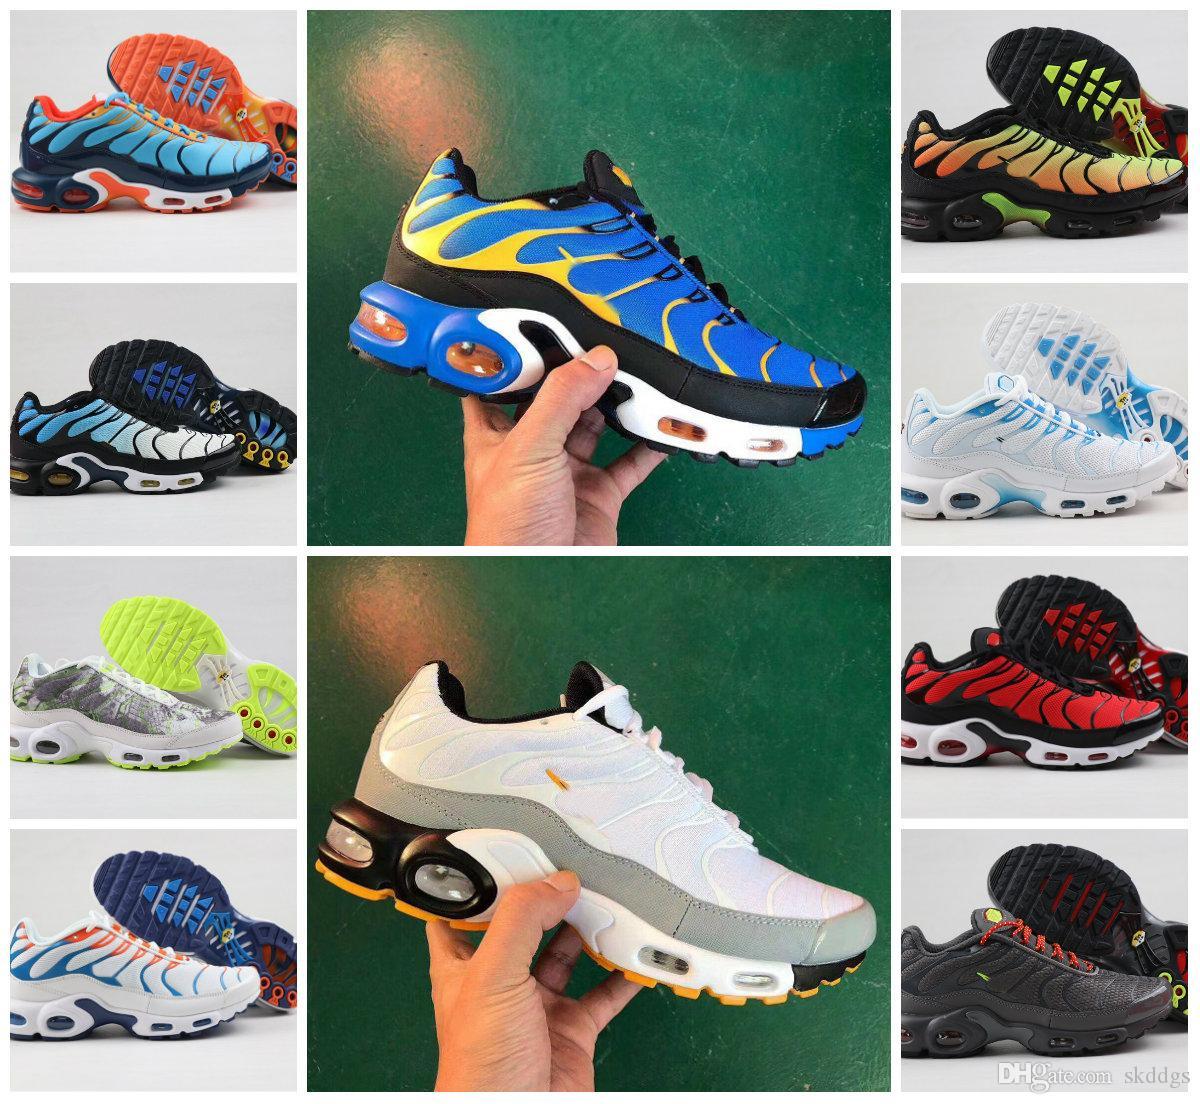 Alta calidad 2020 zapatos para hombre Tn TN Air New Negro Blanco Rojo más los zapatos deportivos muy bajos TN Requin moda zapatillas de deporte casuales